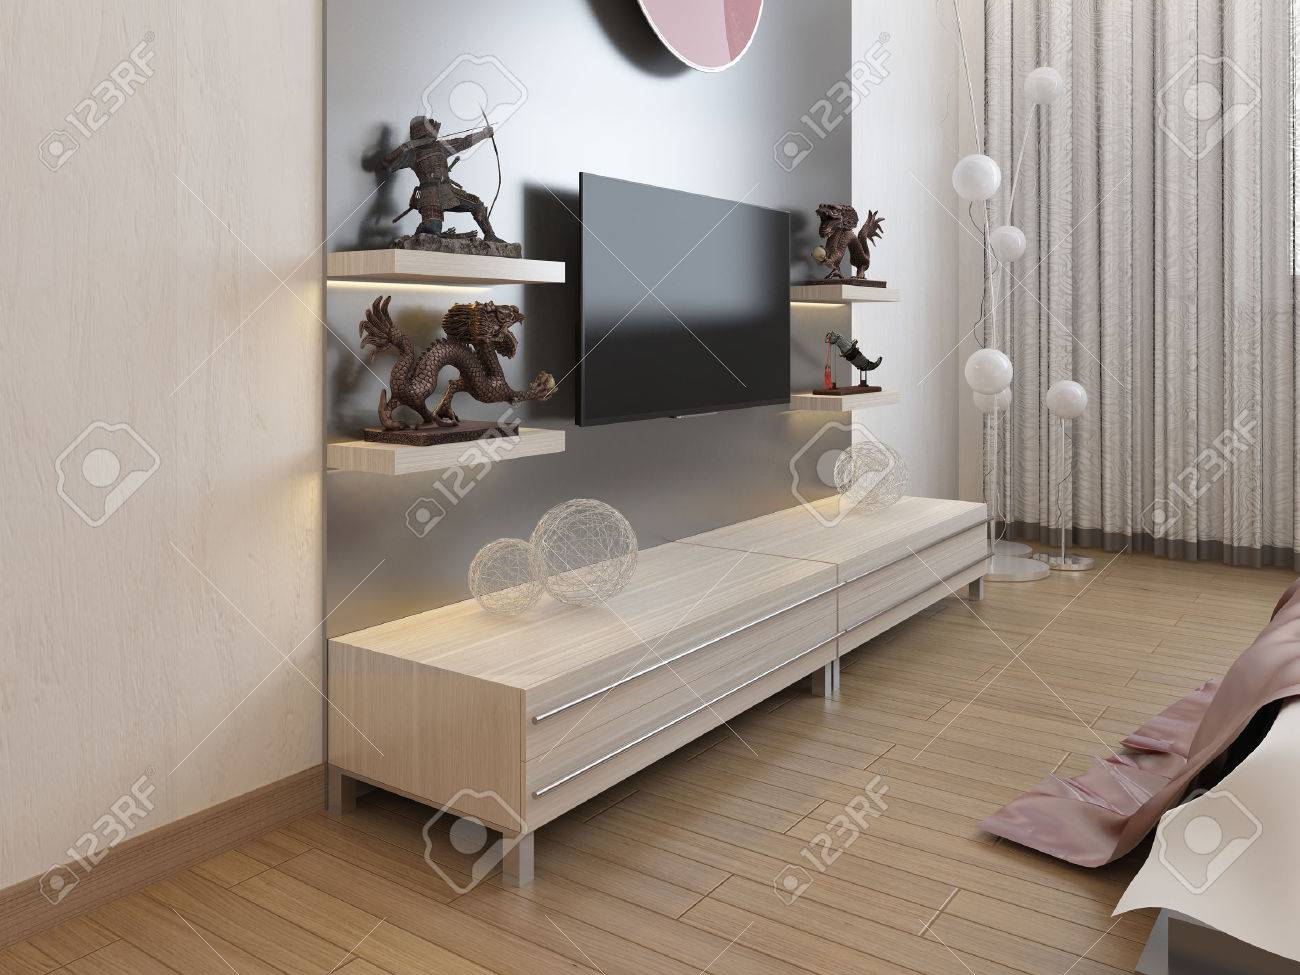 tageres de television et un placard sous la tele dans la chambre rendu 3d